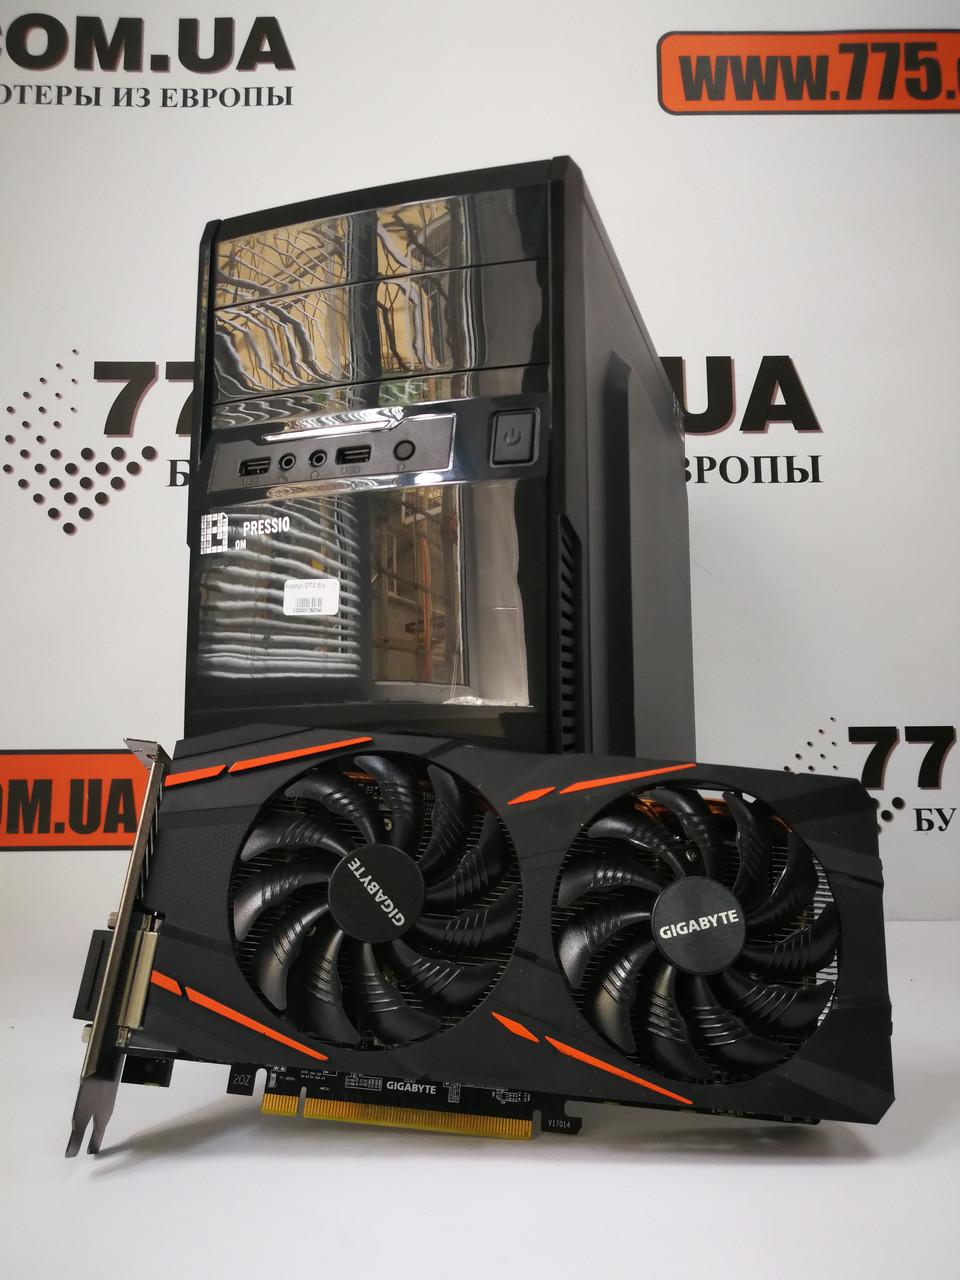 Игровой компьютер EuroCom, Intel Core i3-4160 3.6GHz, RAM 8ГБ, SSD 120ГБ, HDD 500ГБ, Radeon RX 570 4GB